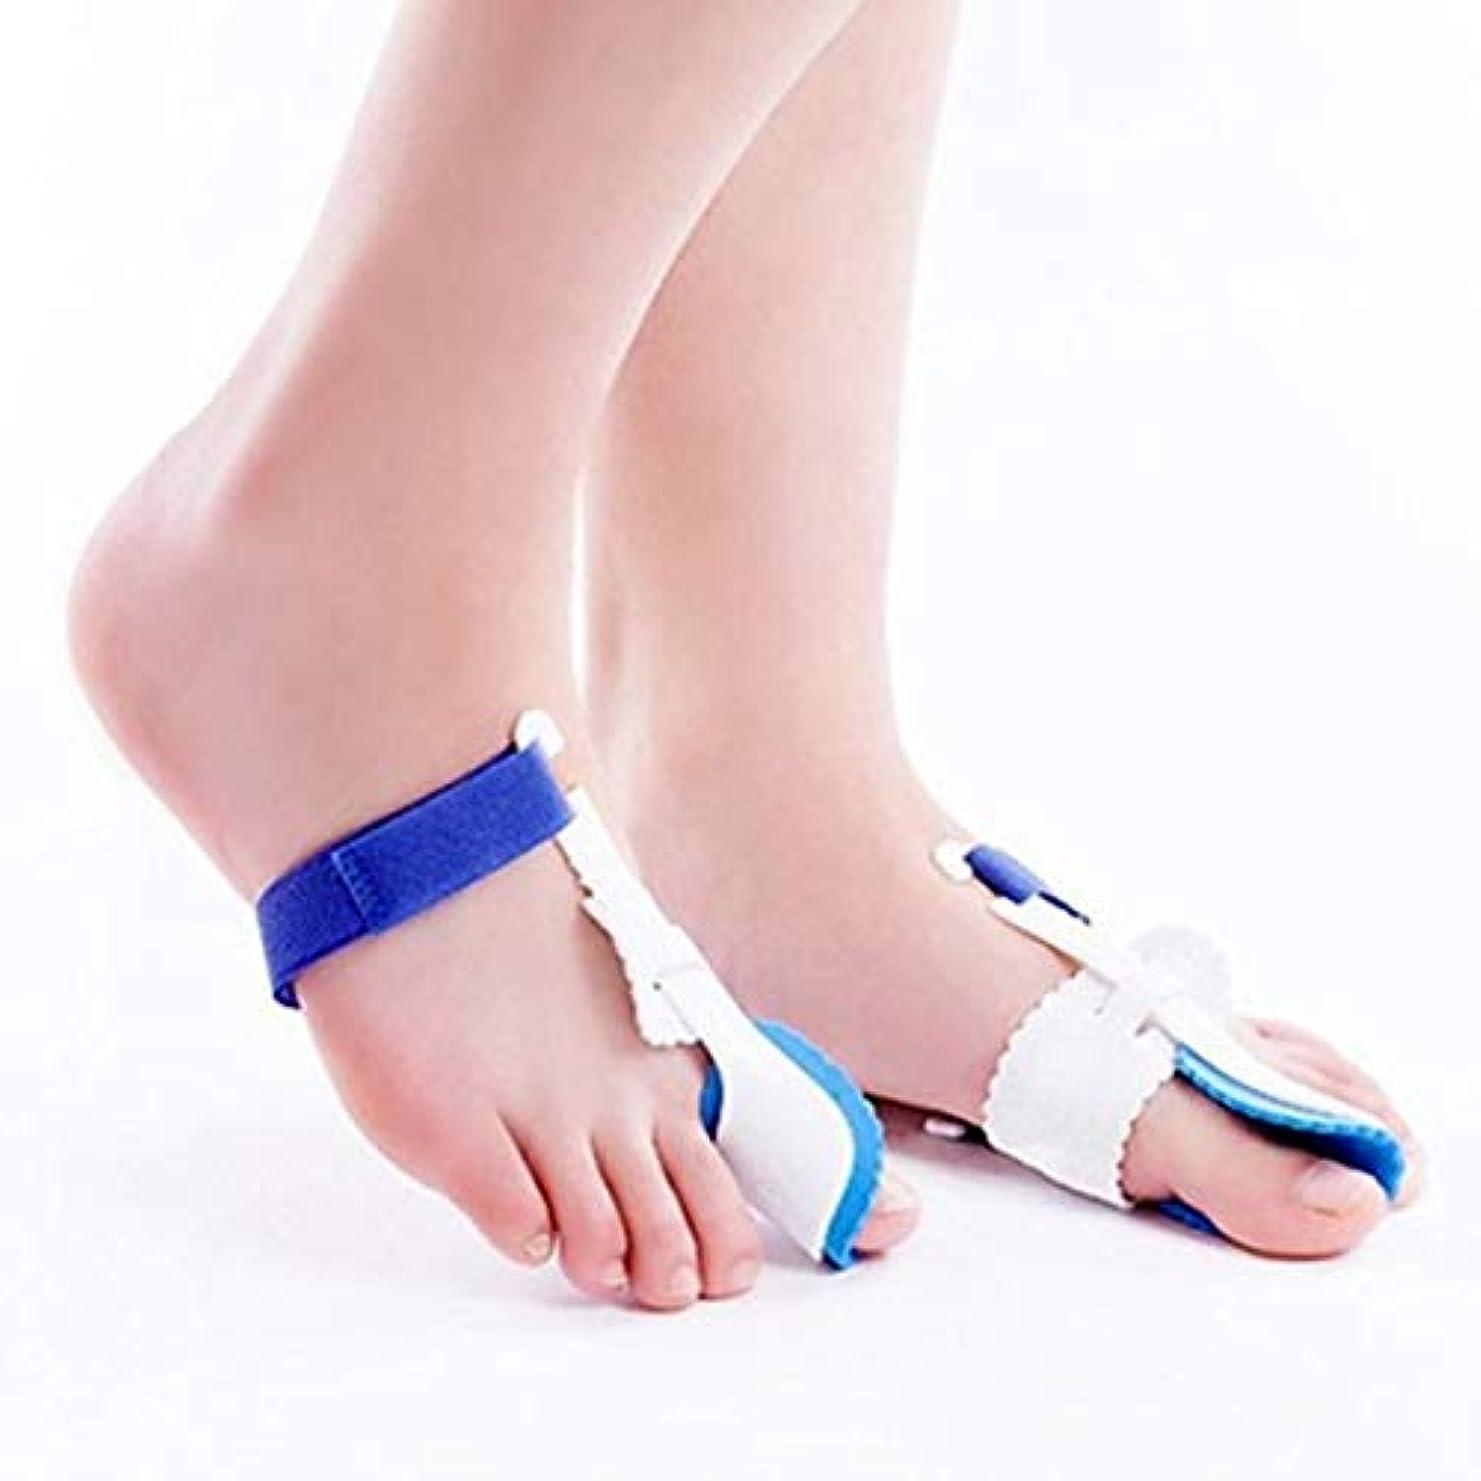 自治的許さないクリームUniversal Night Use Big Toe Bunion Device Splint Straightener Hallux Valgus Pro Braces Toe Correction Separator